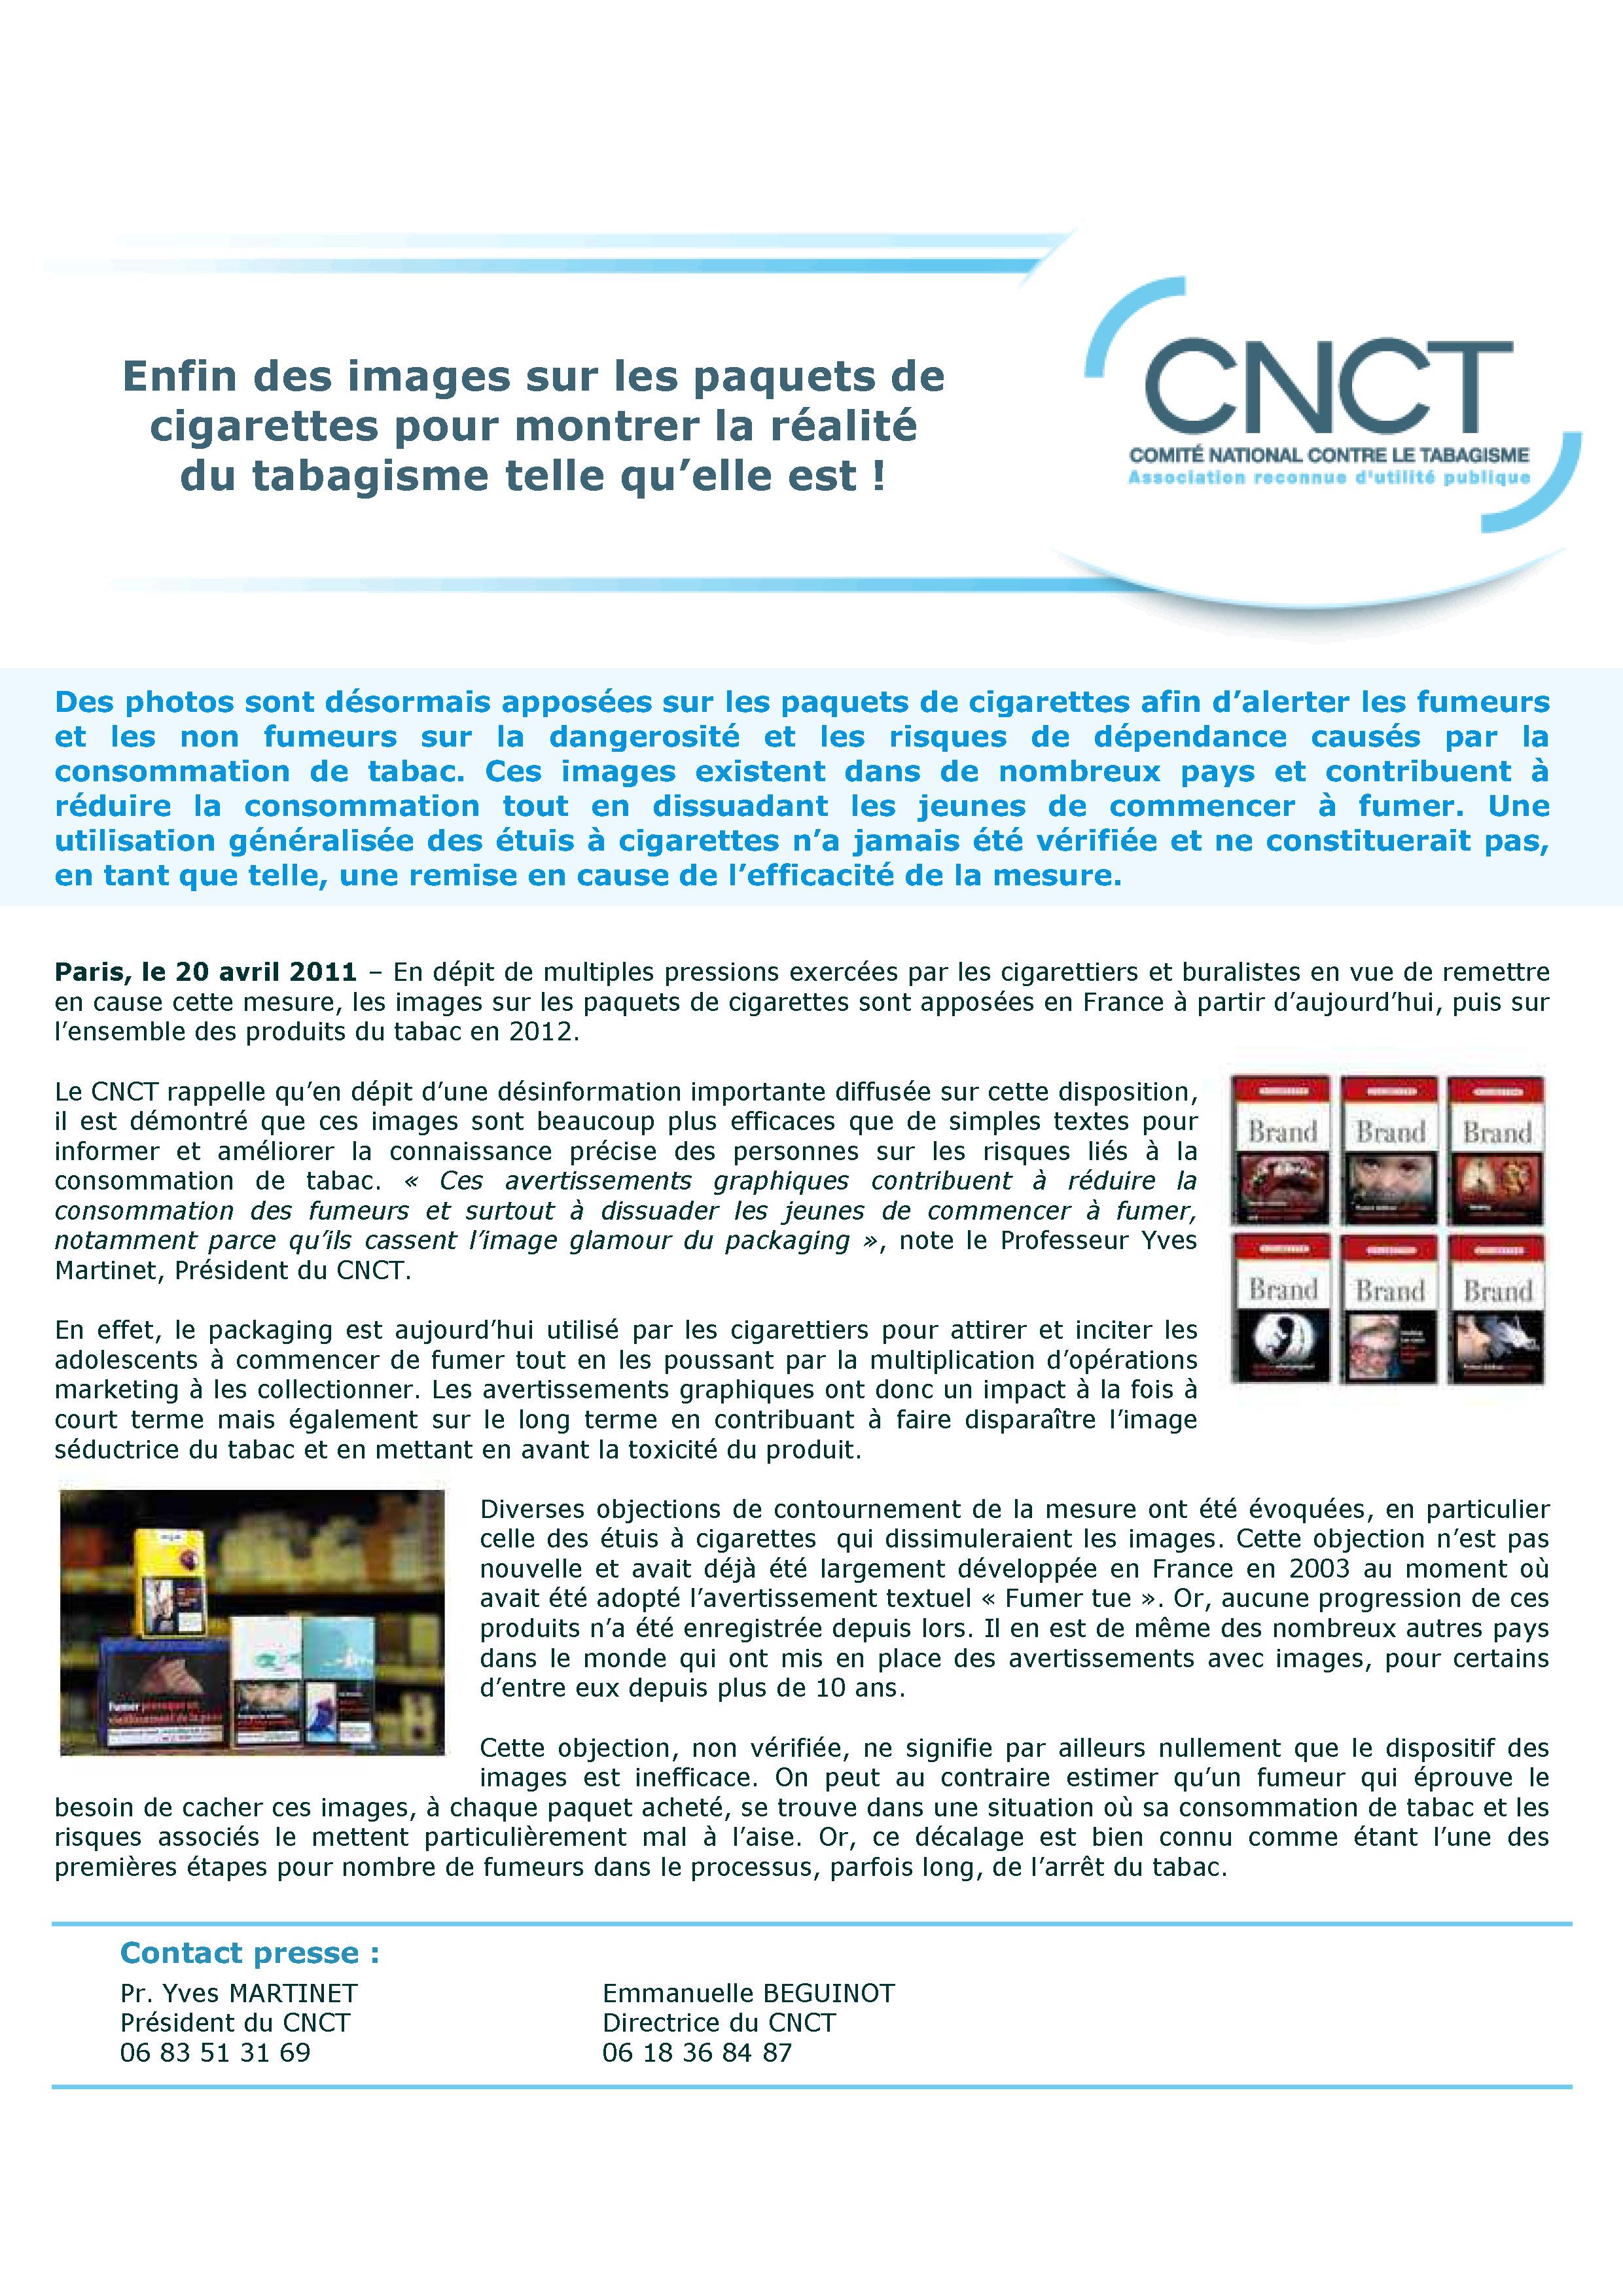 CNCT-CP_ enfin-des-images-pour-montrer-la-realite-20avr2011_Page_1.jpg